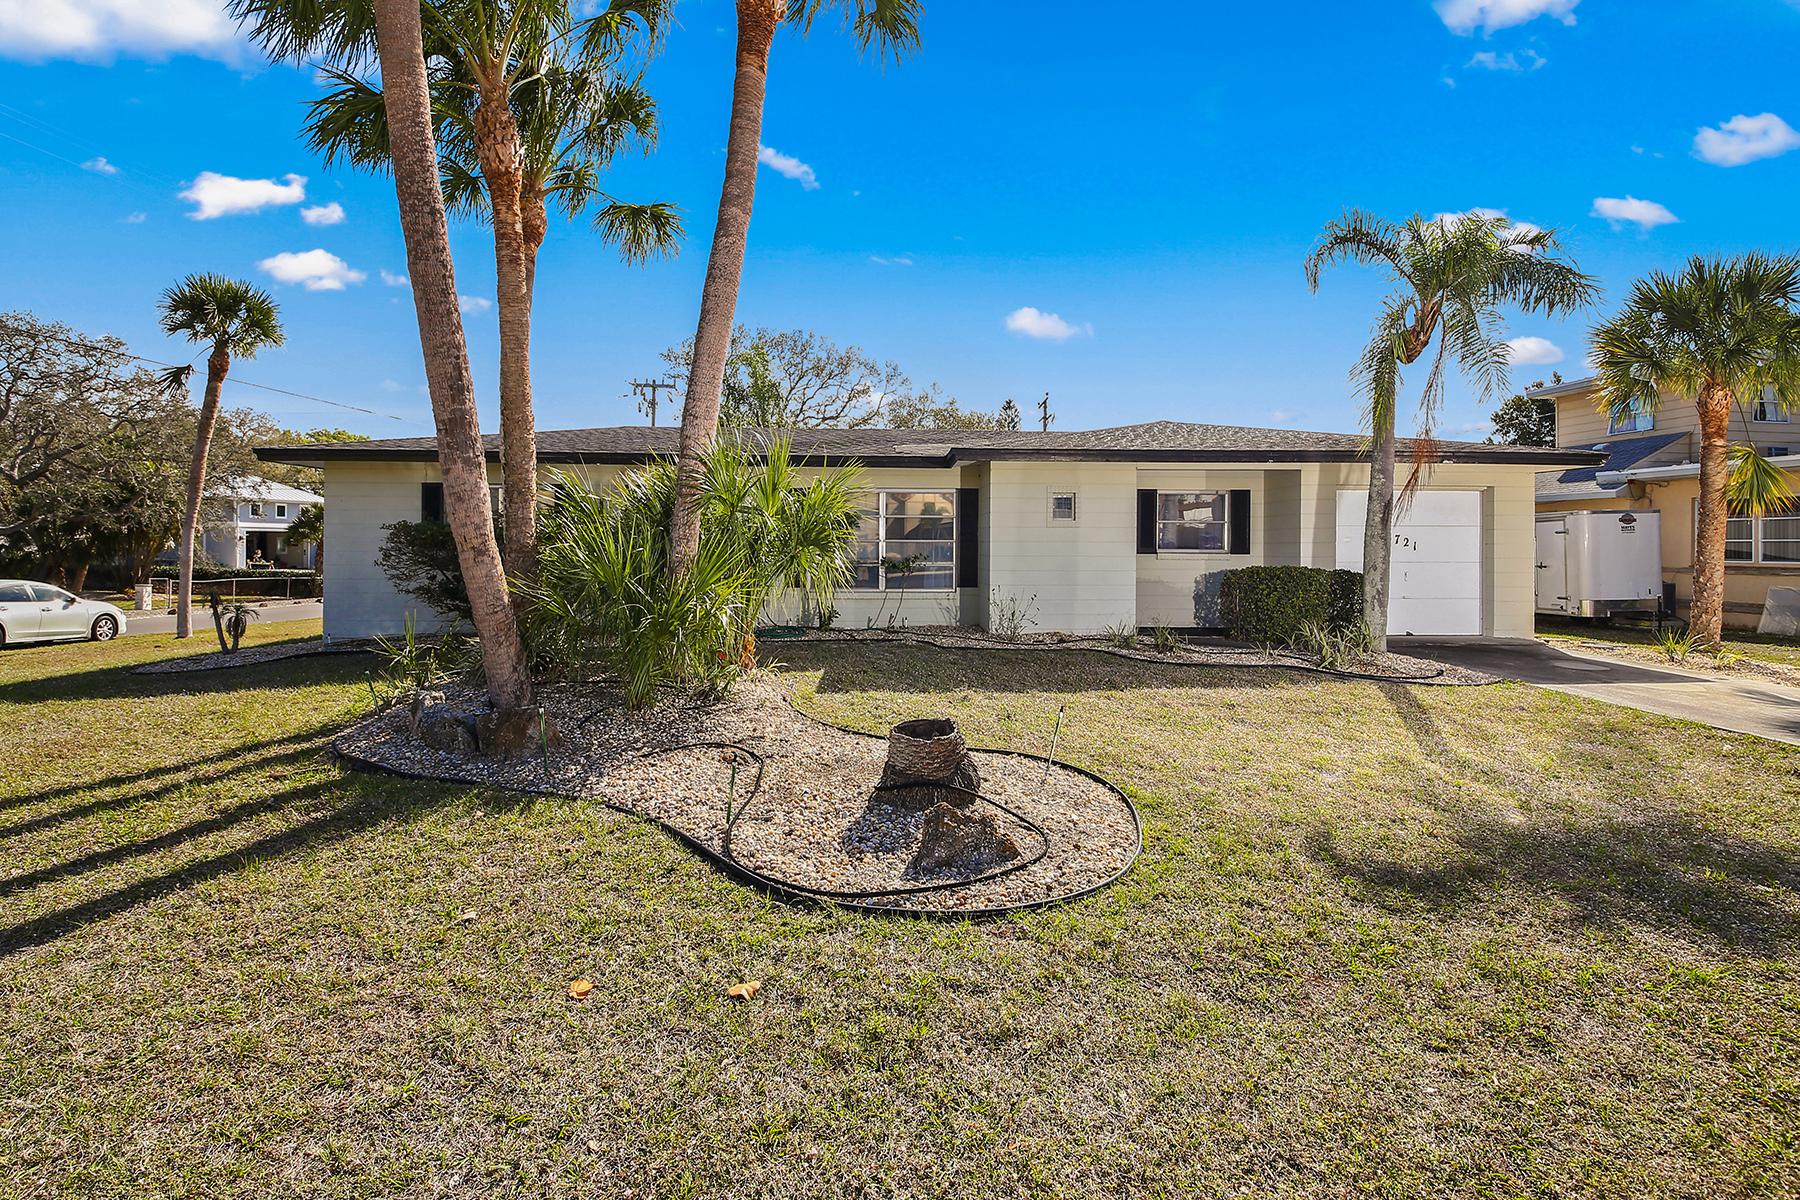 Single Family Homes für Verkauf beim VENICE ISLAND 721 Apalachicola Rd, Venedig, Florida 34285 Vereinigte Staaten